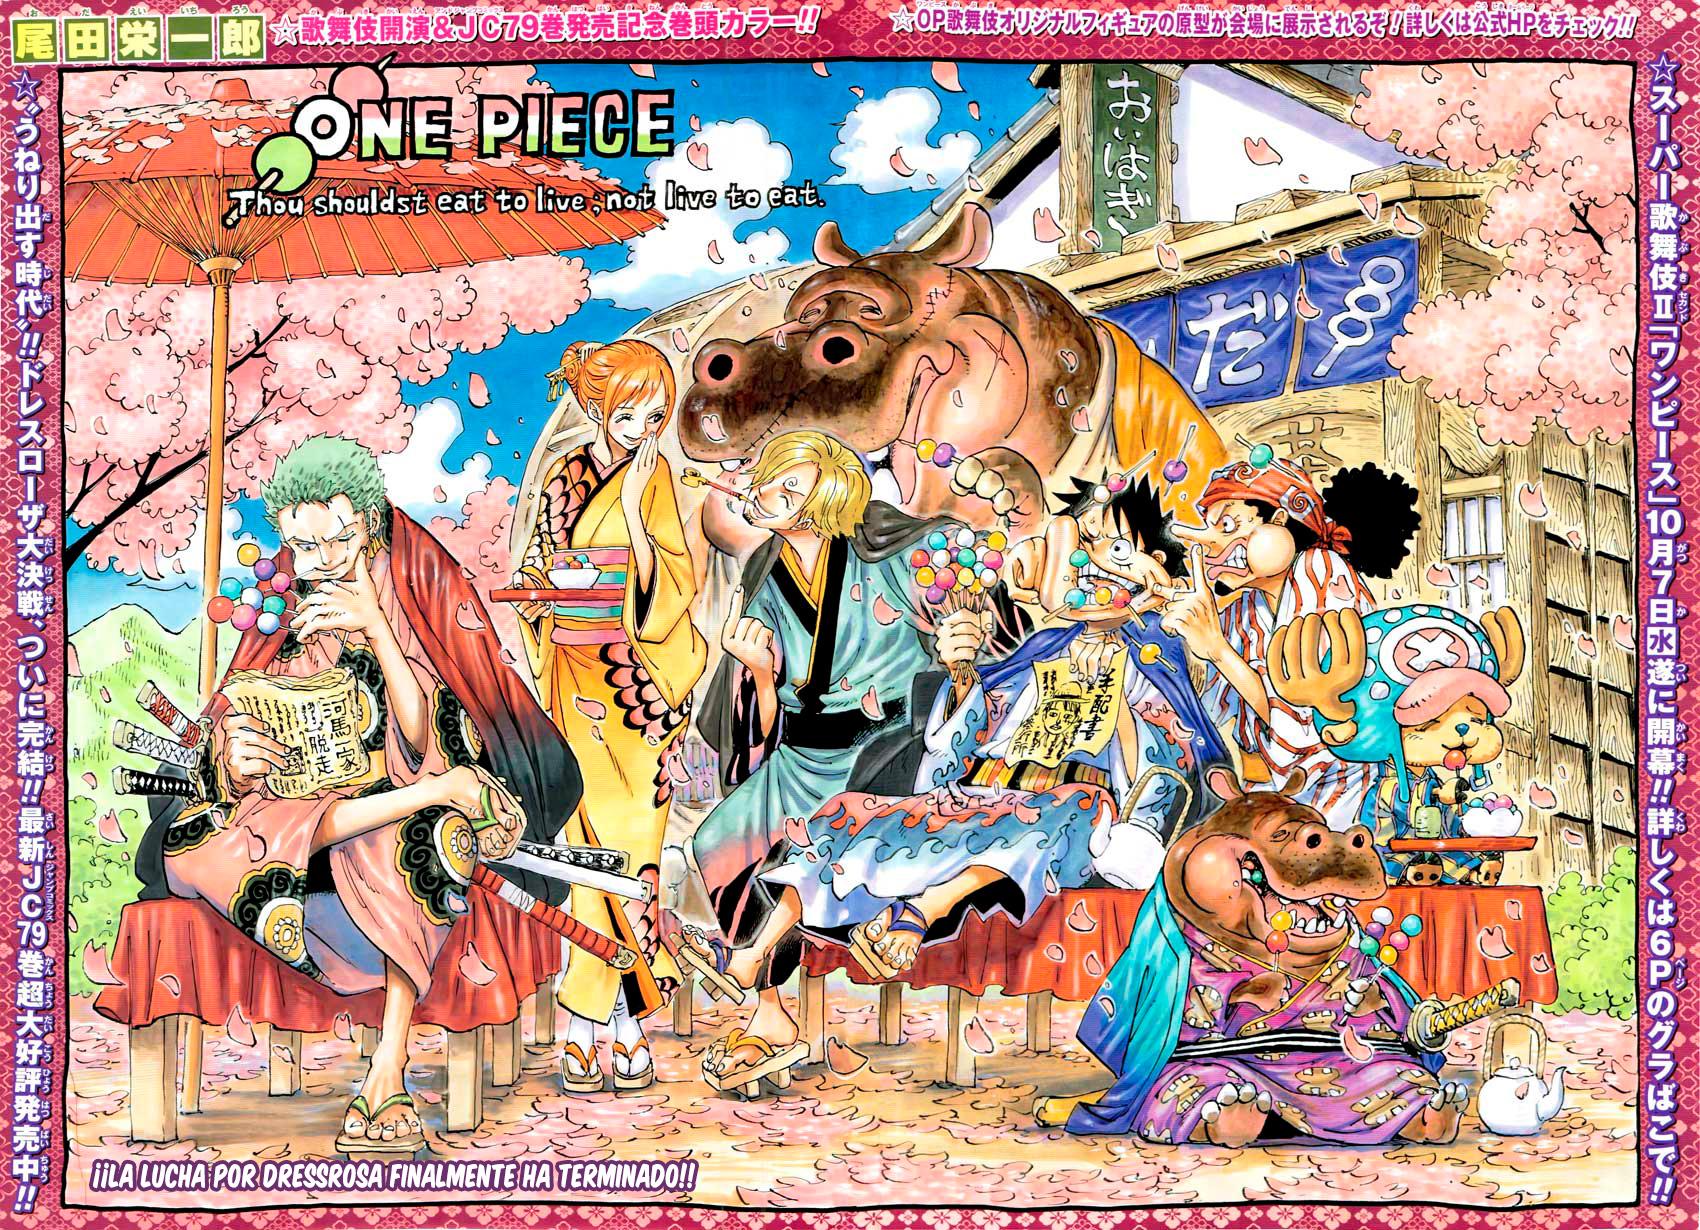 http://c5.ninemanga.com/es_manga/50/114/418208/ea48666e1a067bf8fea7683f2d81f265.jpg Page 2